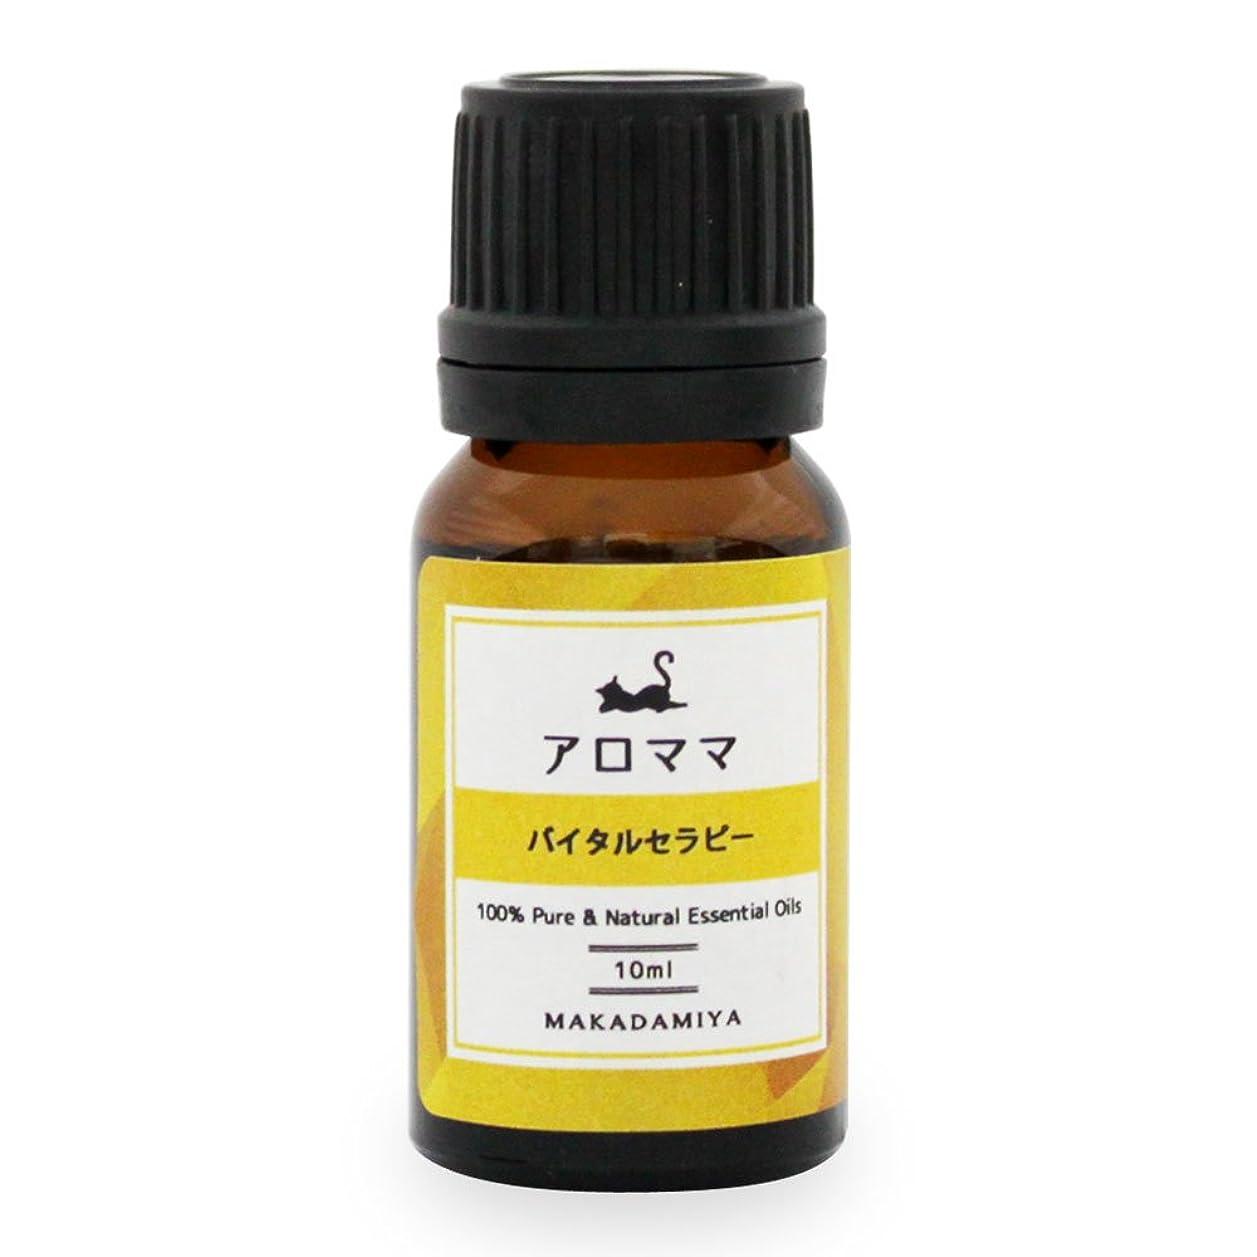 鮮やかな少ない知る妊活用アロマ10ml 妊活中の女性の為に特別な香りで癒す。 アロママ